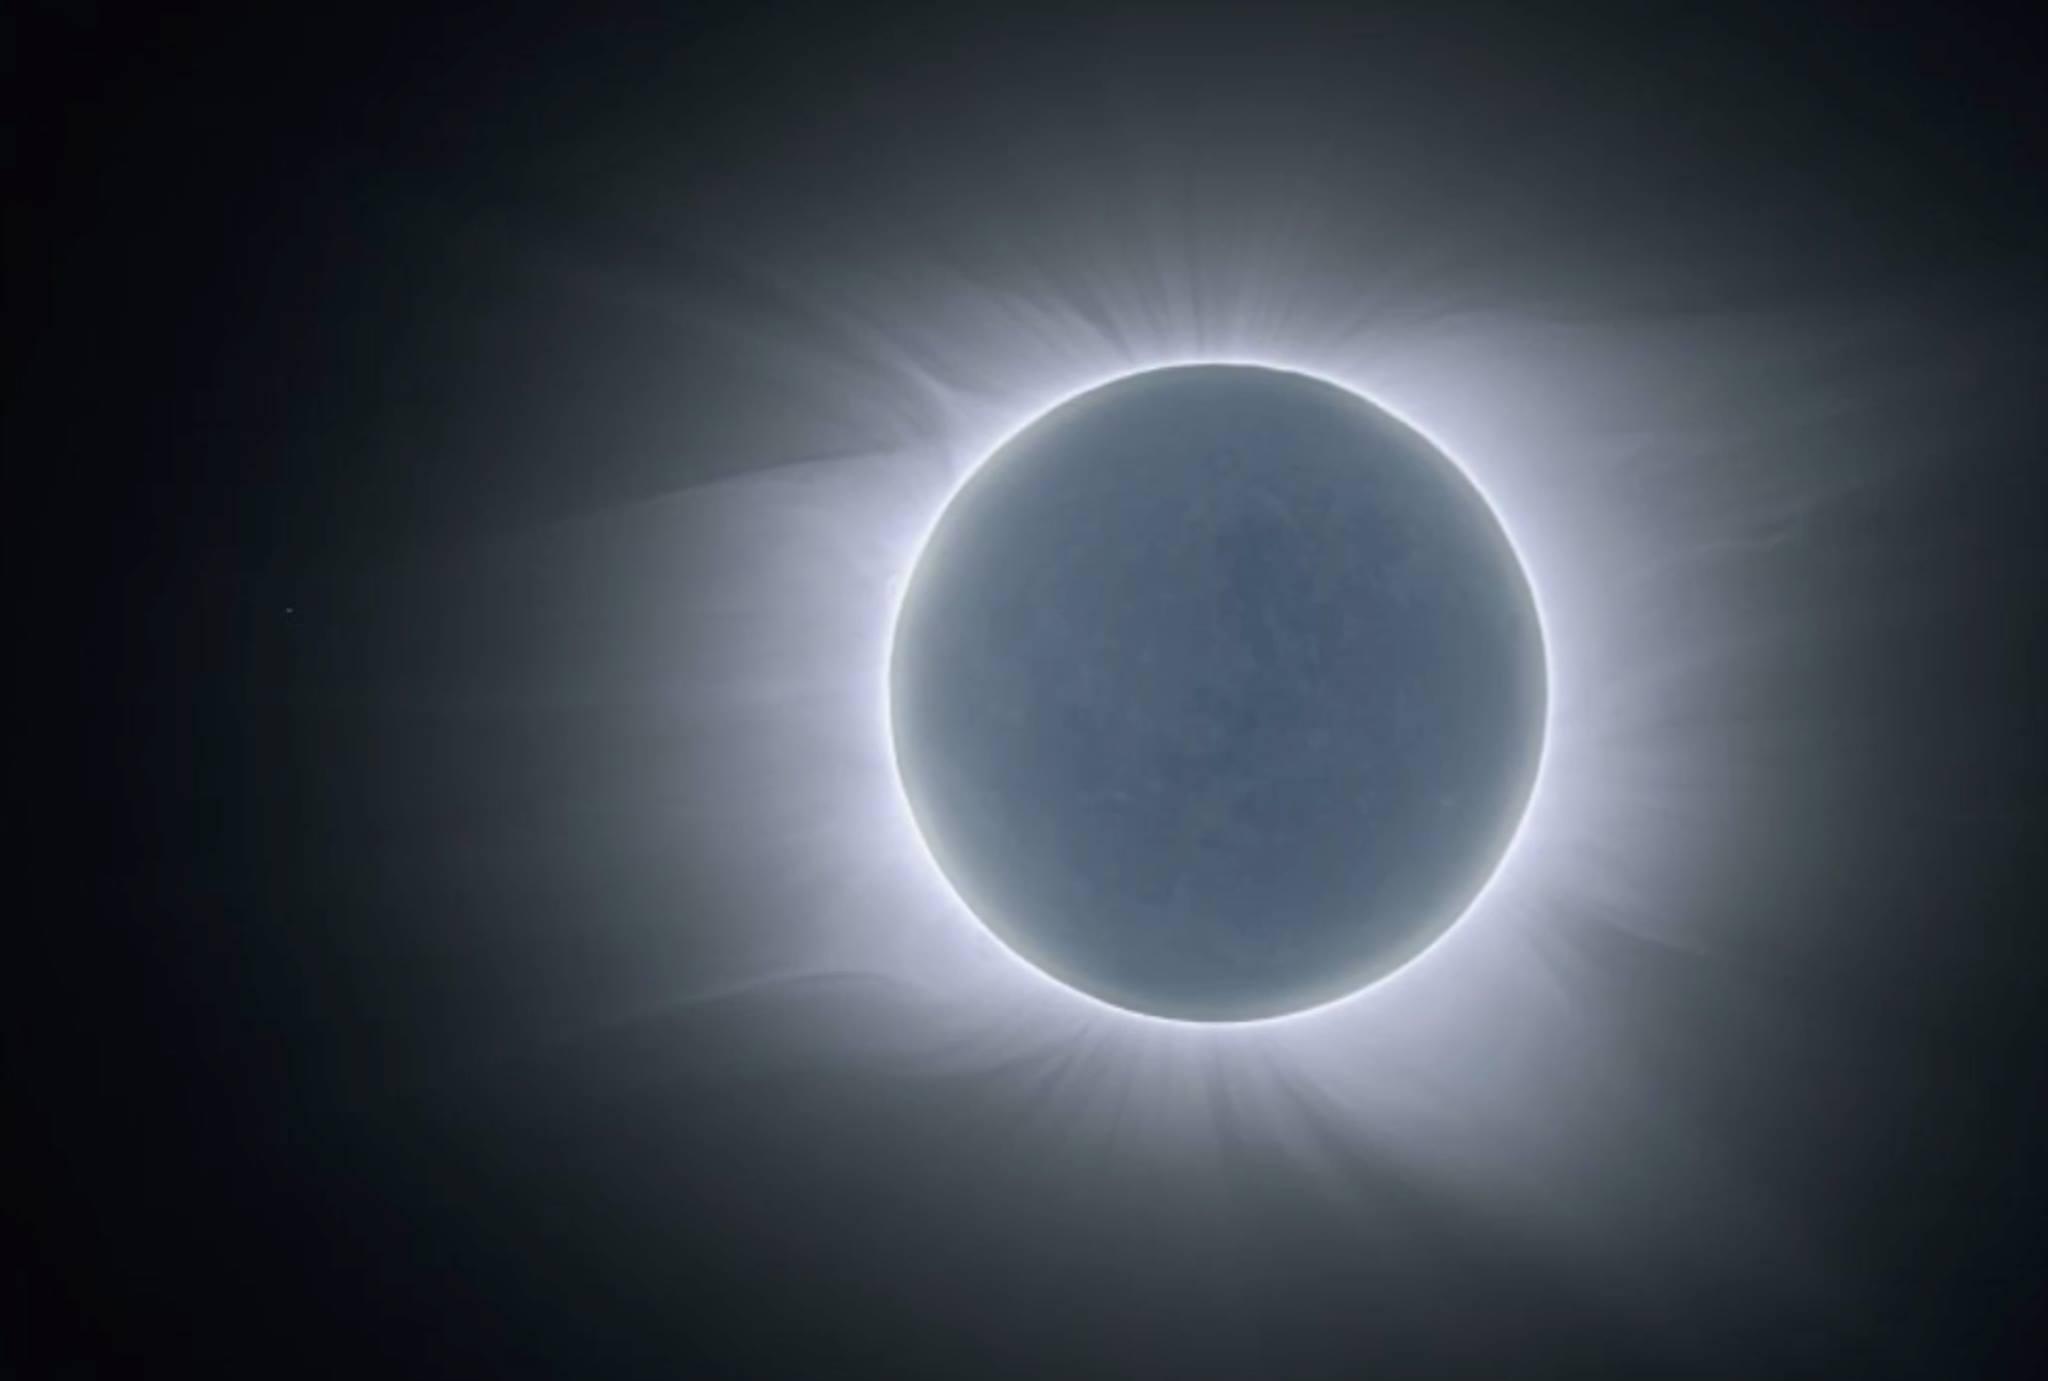 #eclipse2017-nasa-ke-ja-strima-deneshnata-solarna-eklipsa